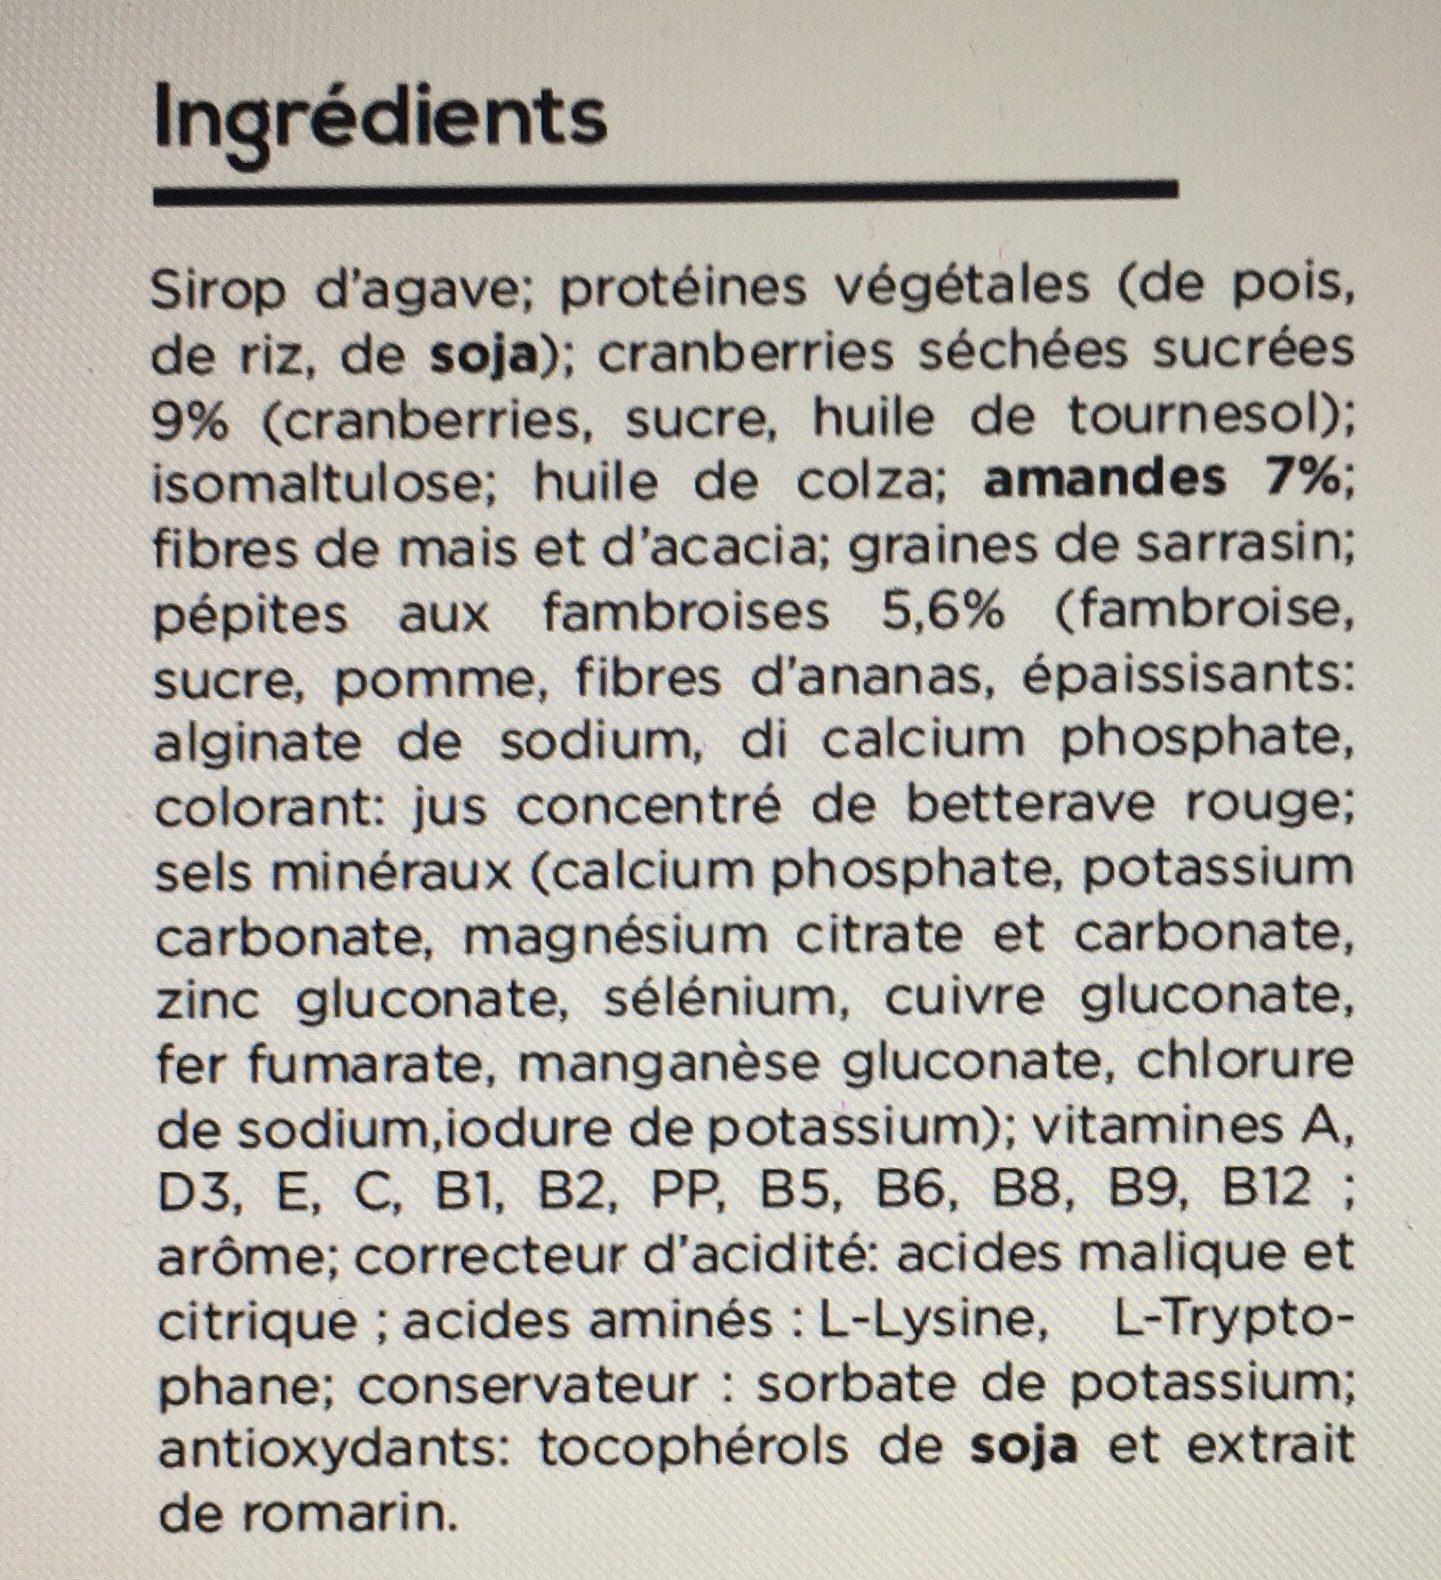 Barre repas fruit rouge - Ingrediënten